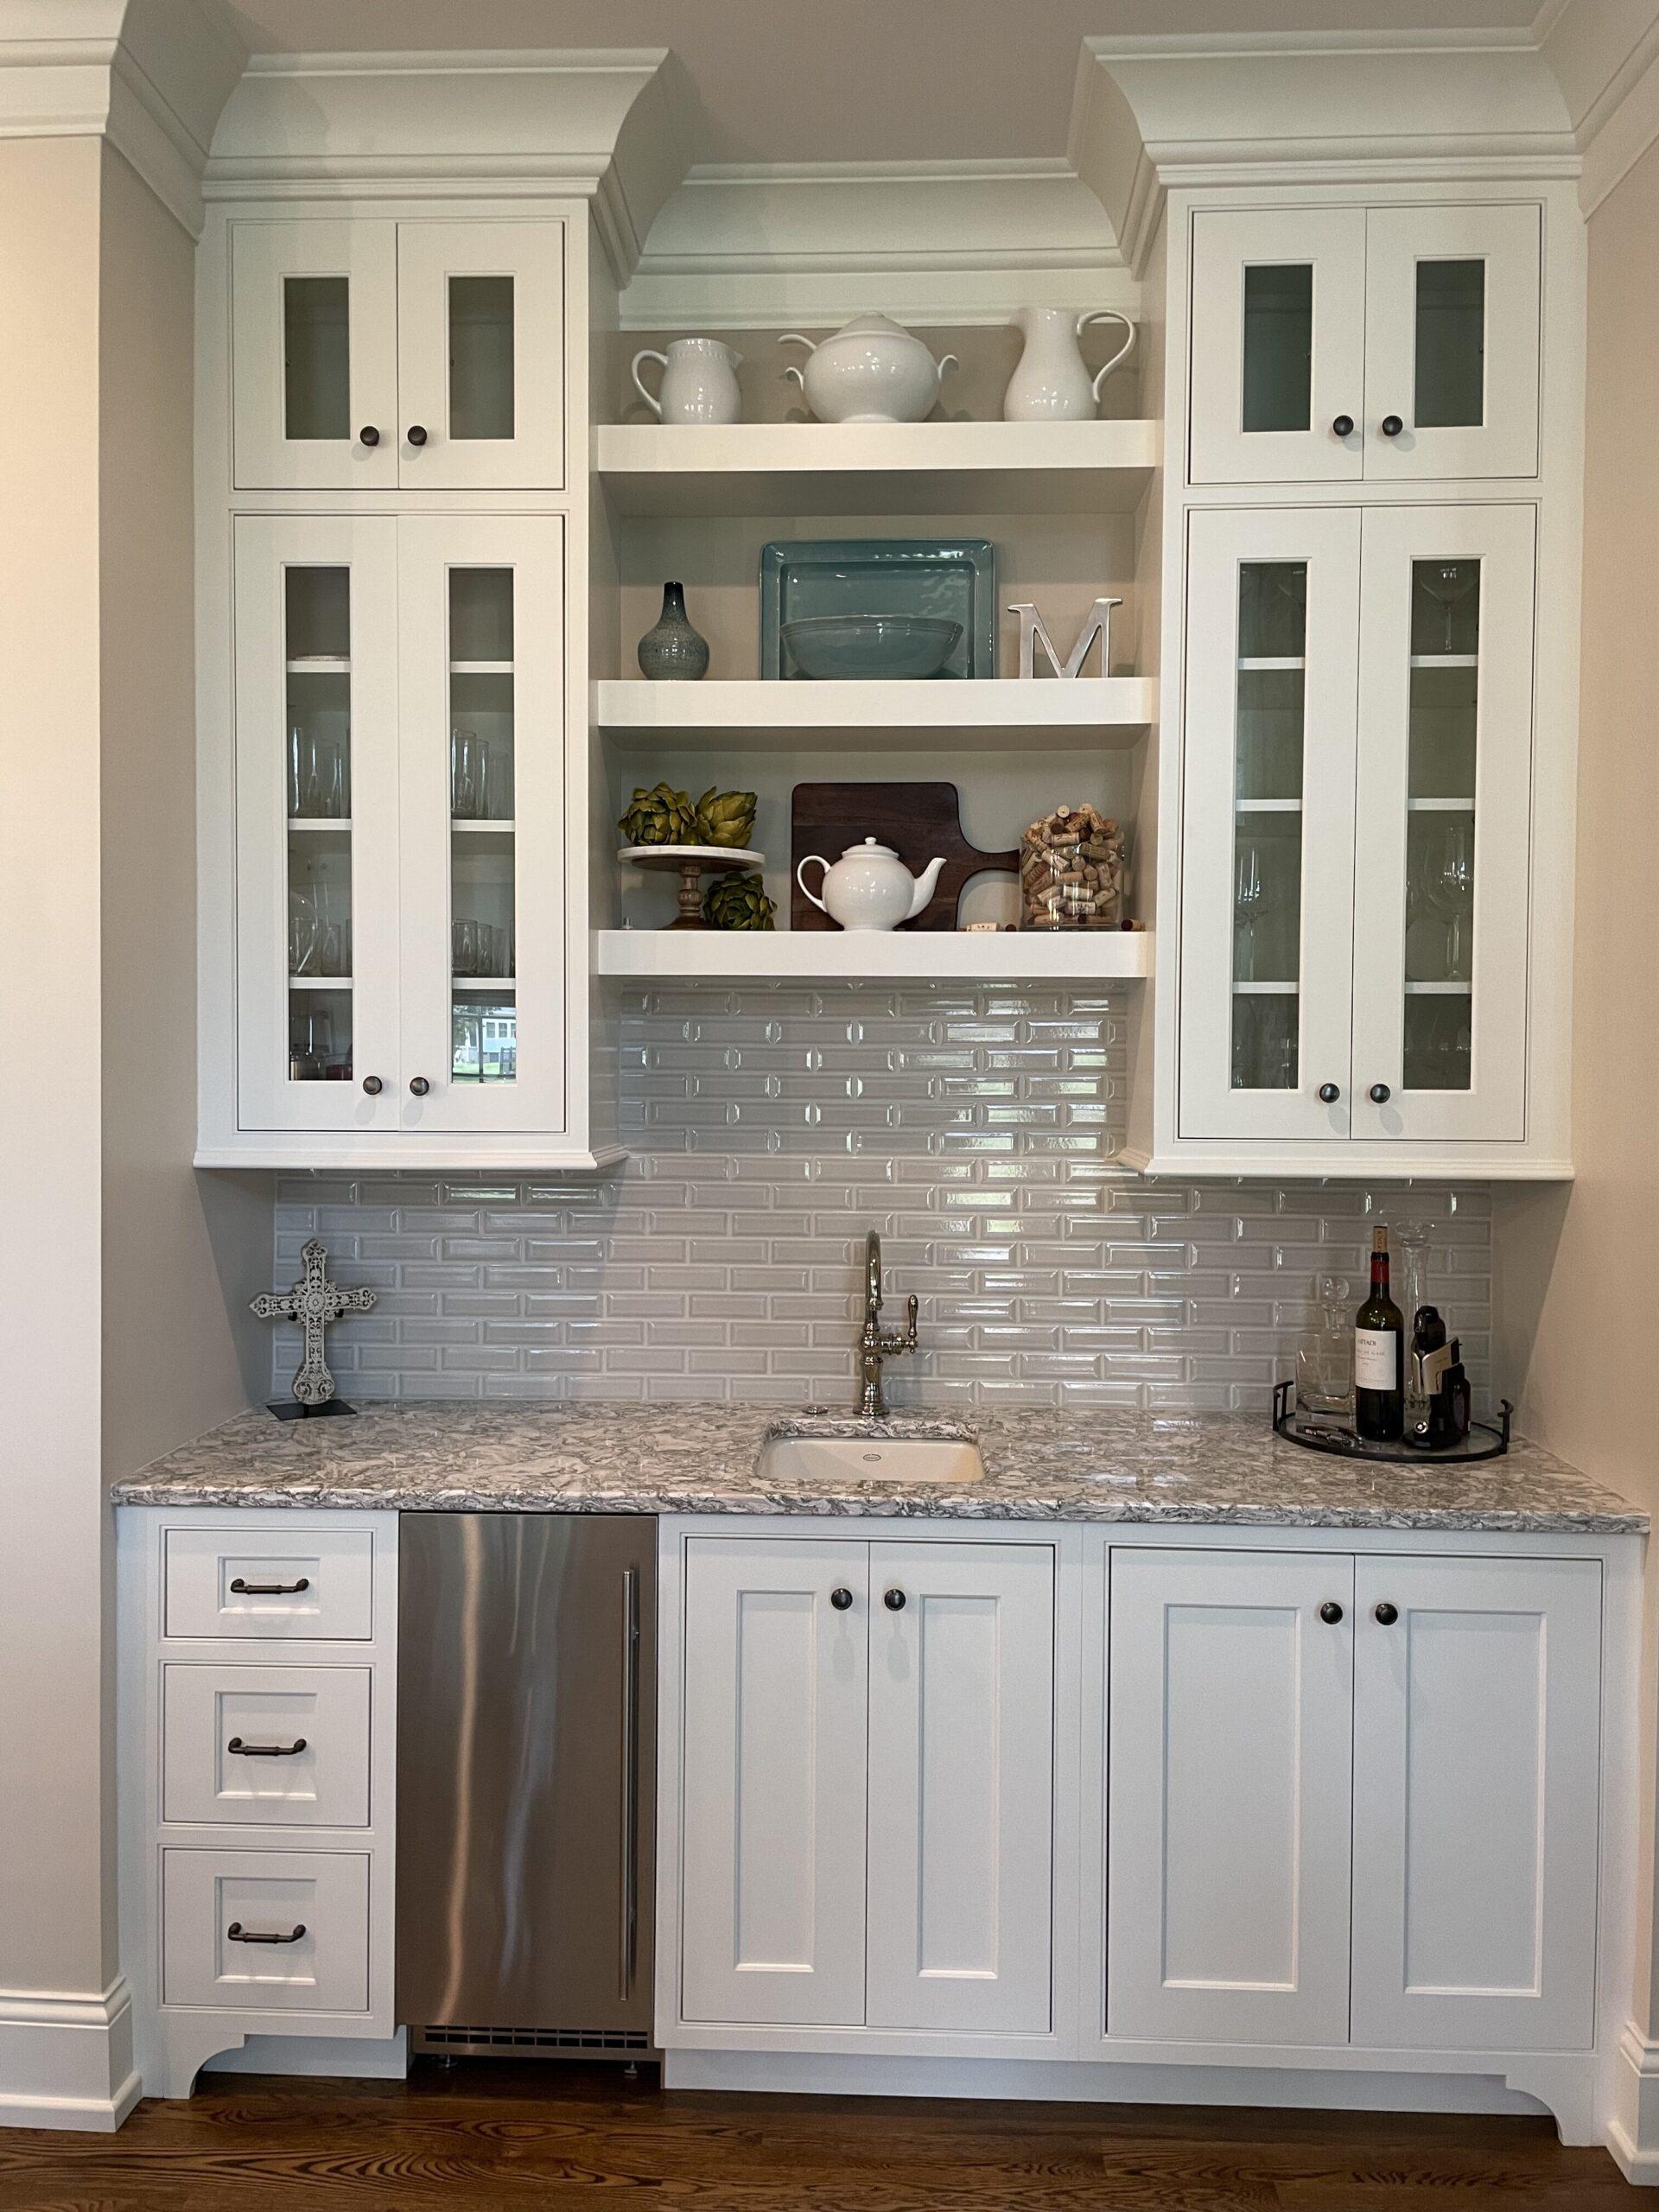 Beautiful modern kitchen home improvement arrangement from a Brentwood Home Builder